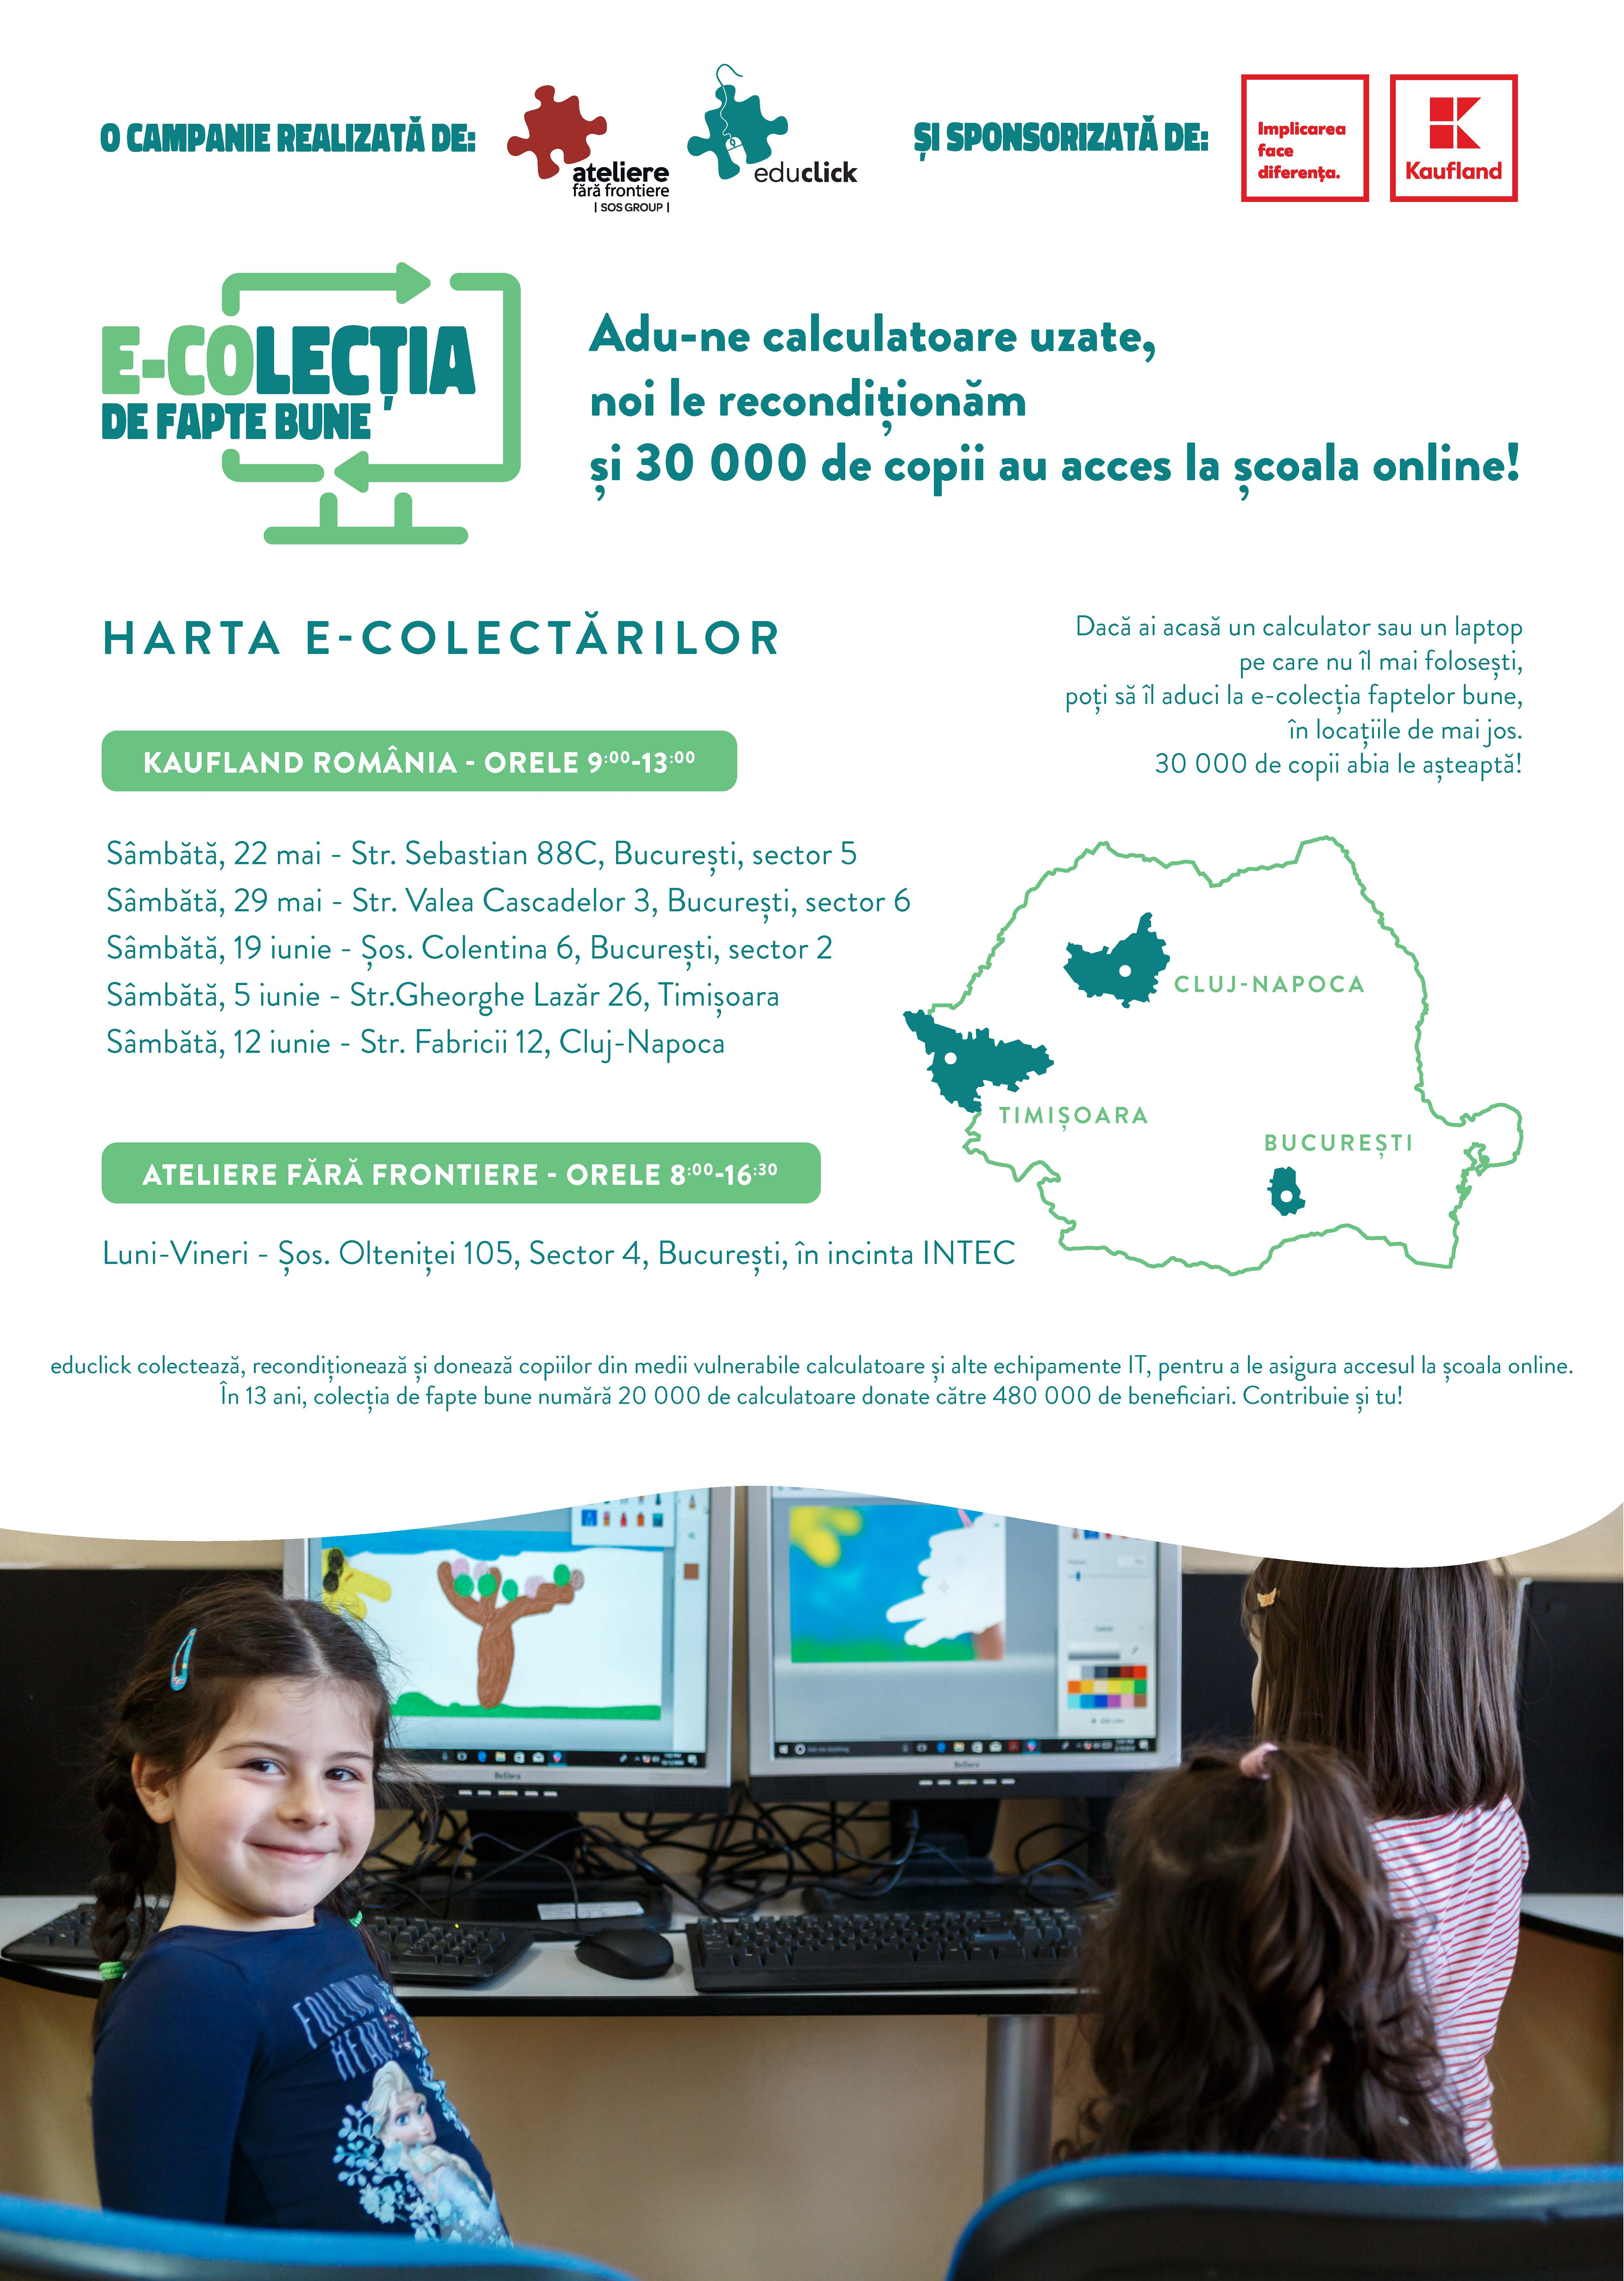 """Se dă startul campaniei """"E-COLECȚIA de fapte bune'' care transformă calculatoarele vechi în unele noi, pentru elevii din medii vulnerabile"""